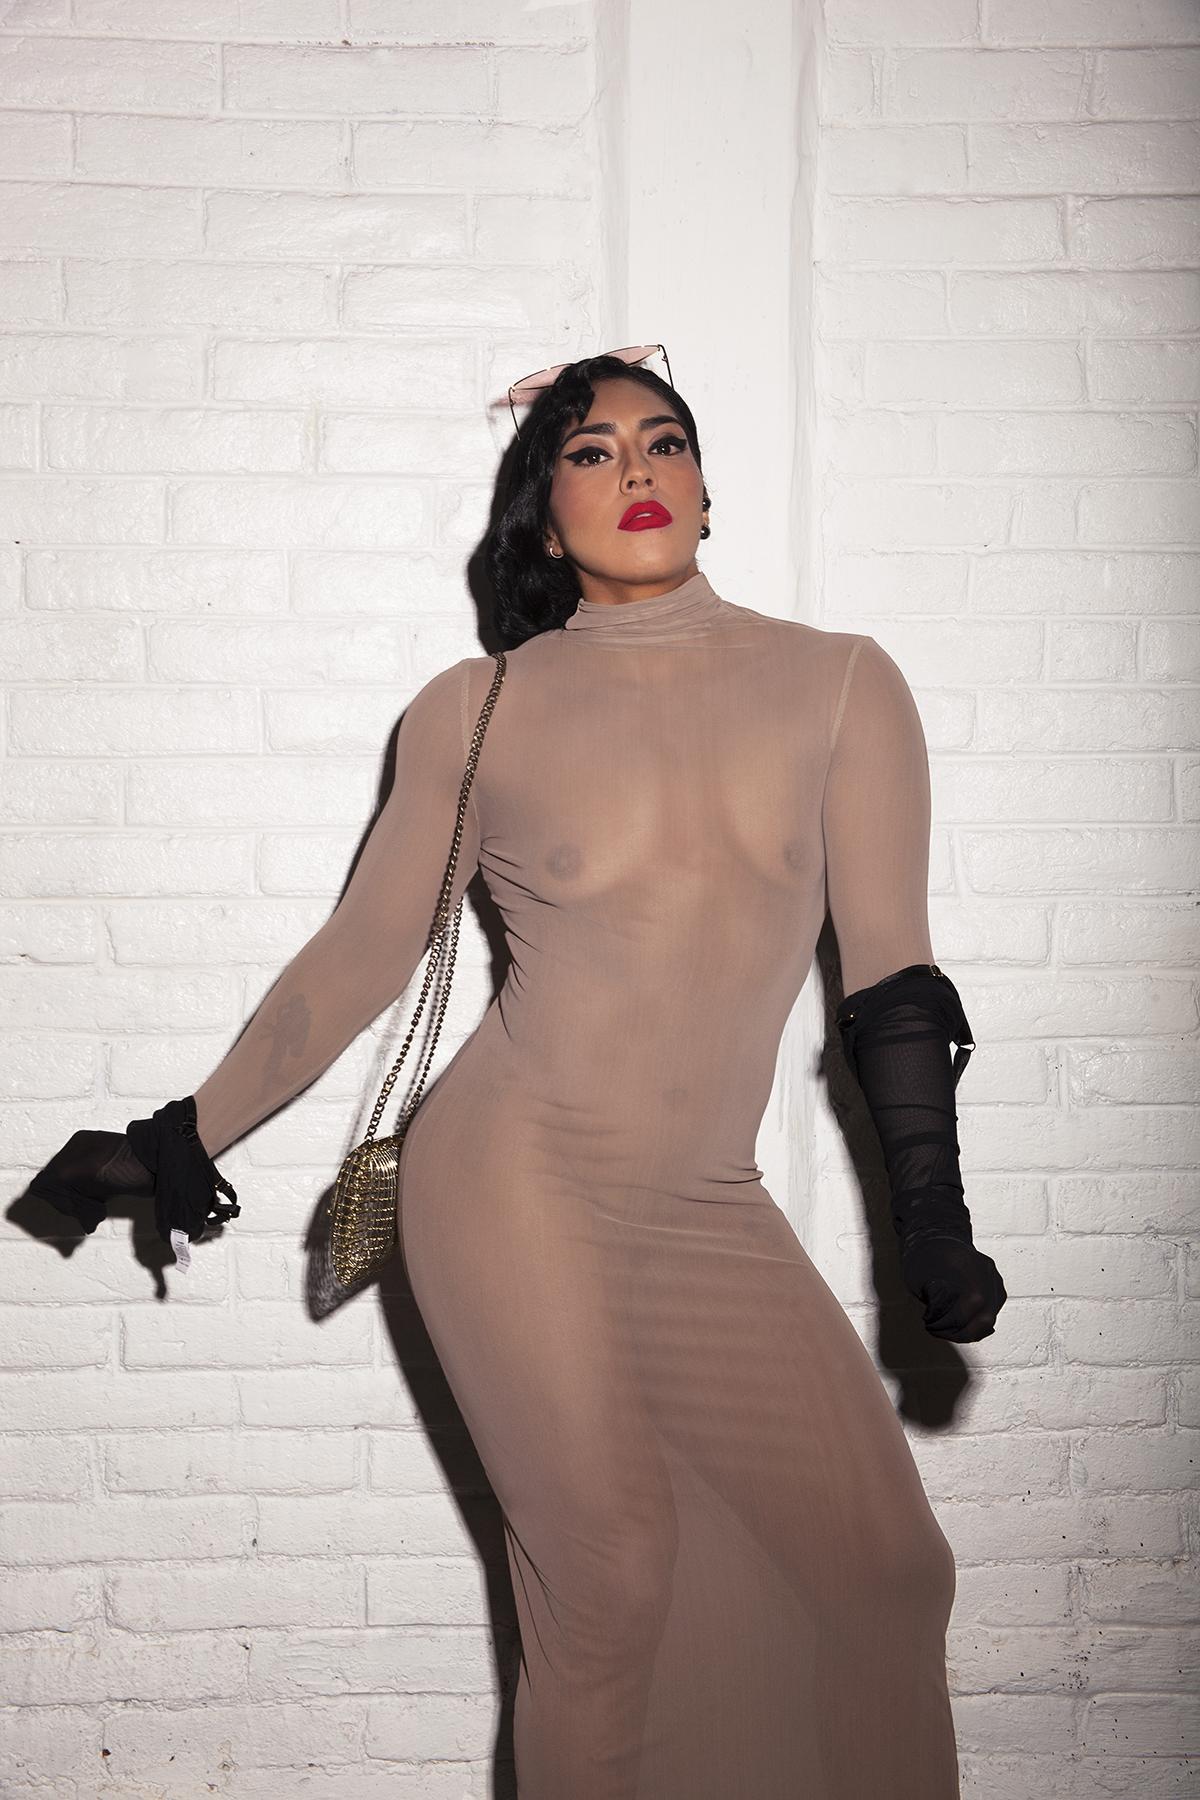 Vestido:  Ale Quesada   Liguero usado como guantes:  Marika Vera